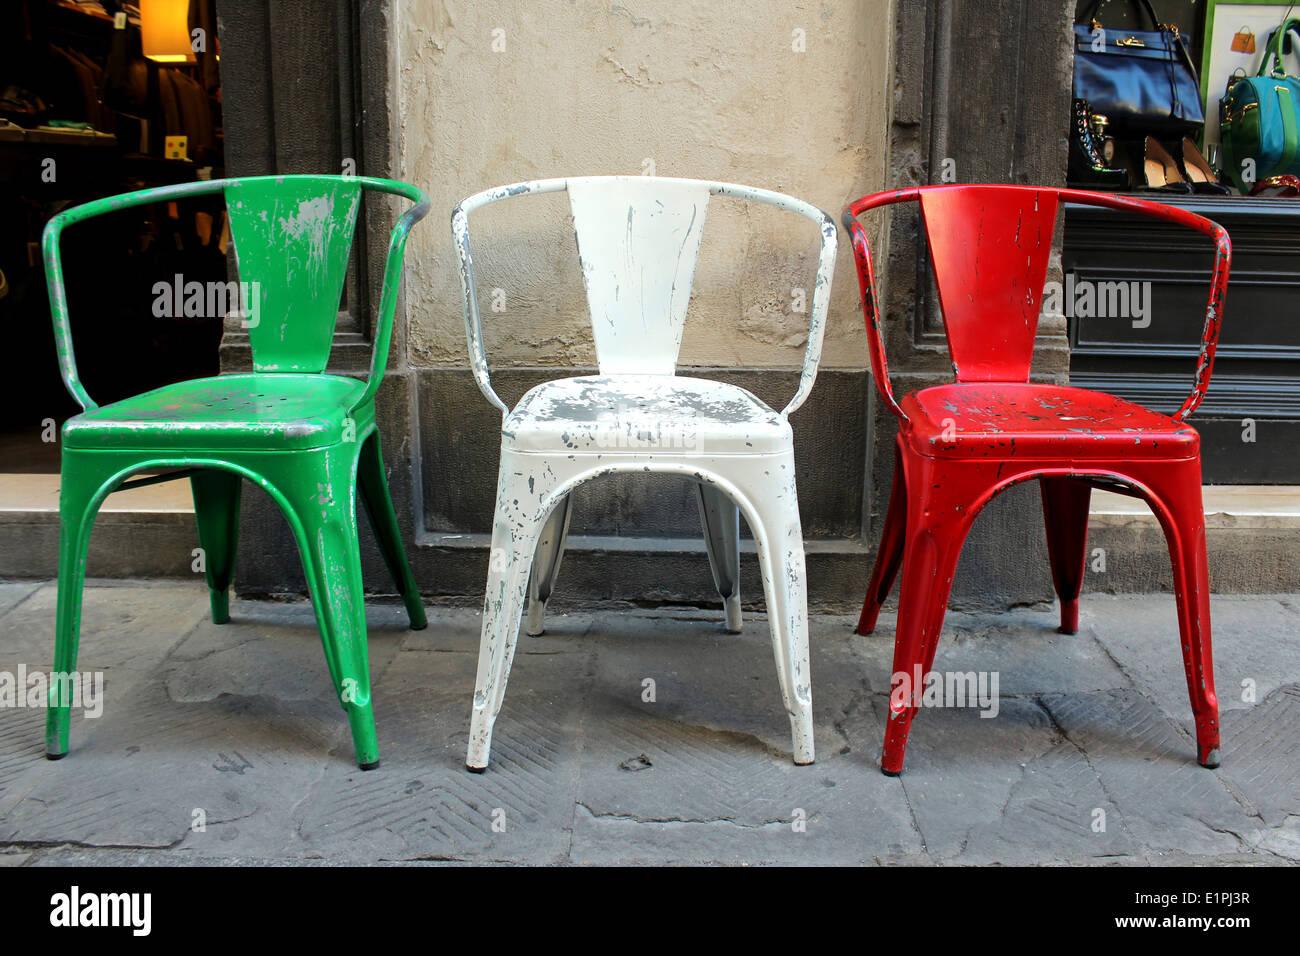 La bandiera italiana e colori rappresentati in tre industriali ...